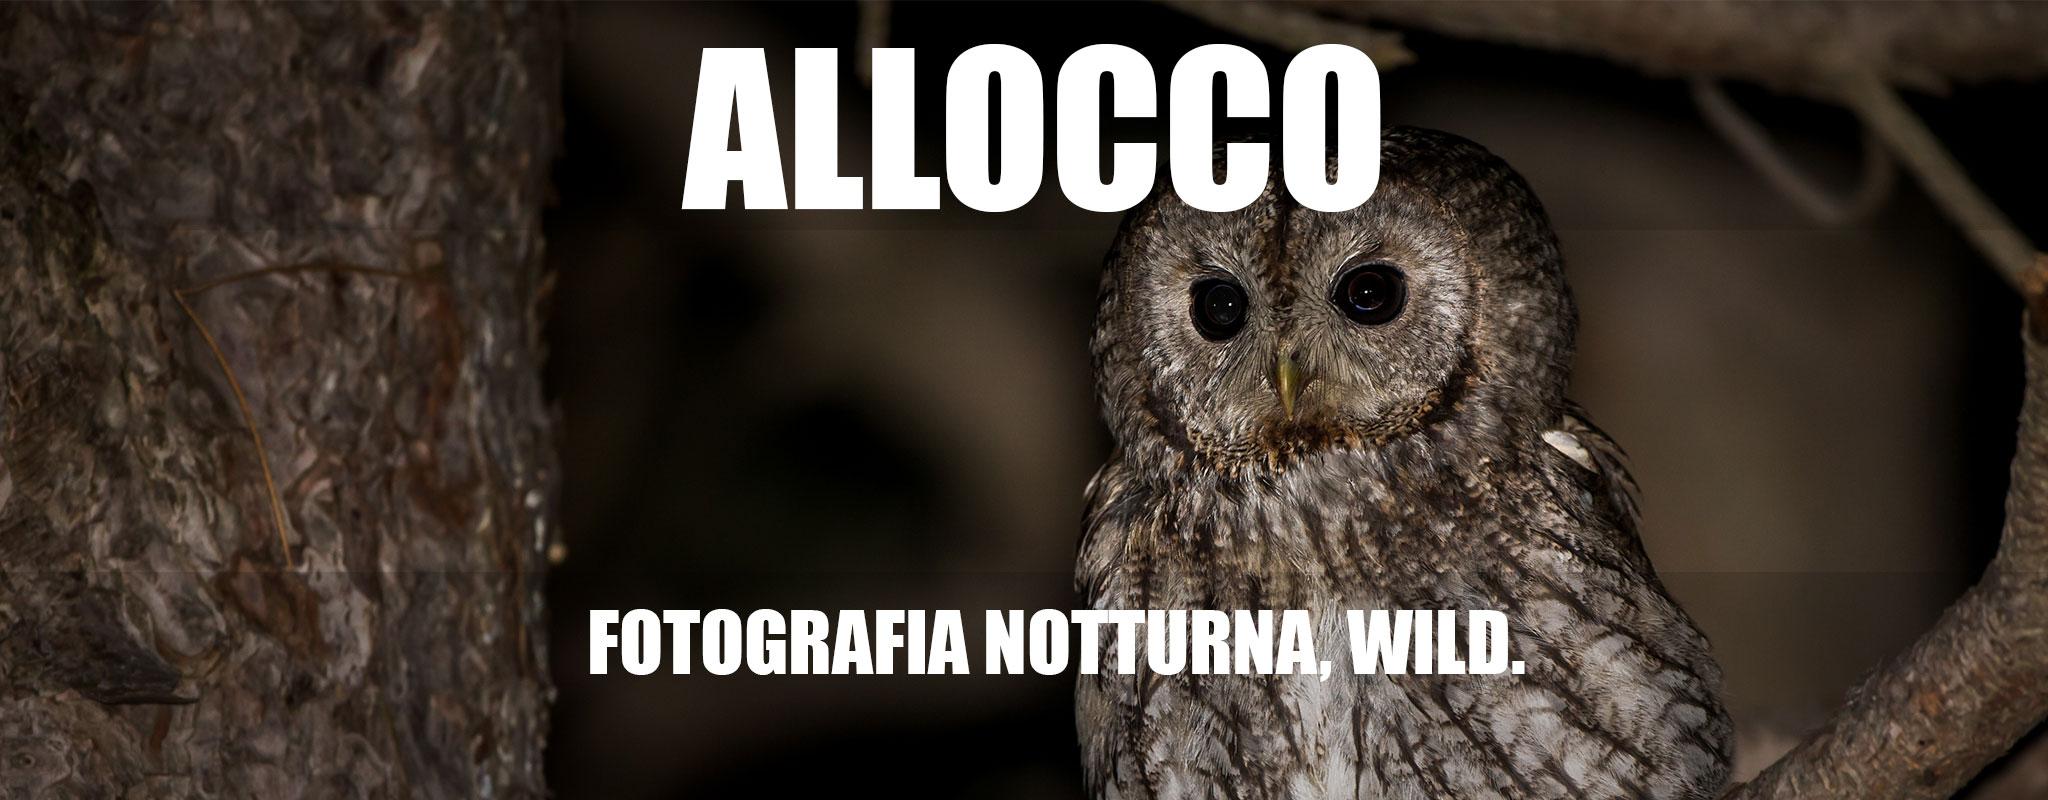 allocco-banner